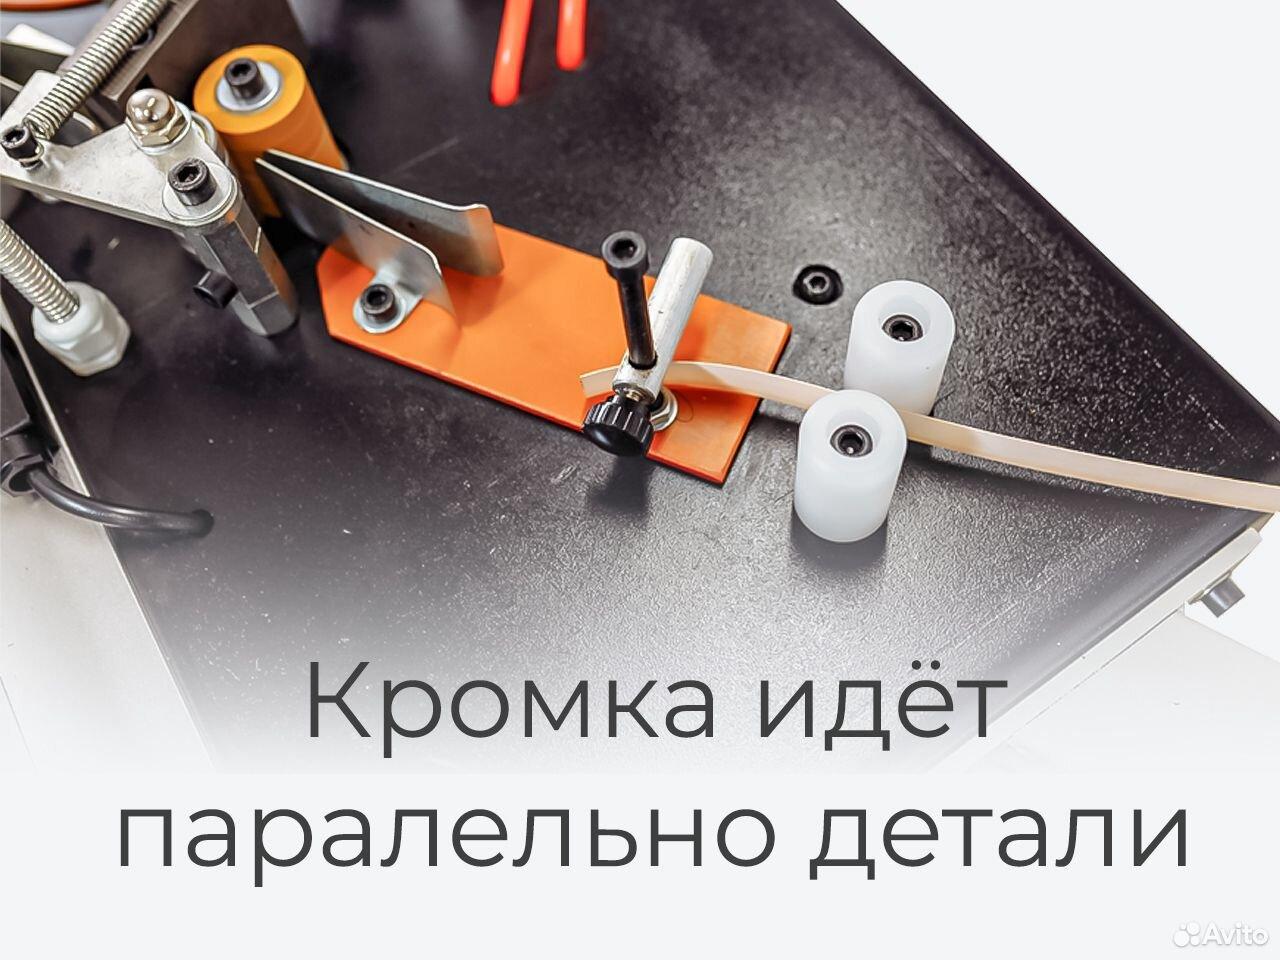 Кромкооблицовочный станок Krom Profi. Гарантия  88005005920 купить 8